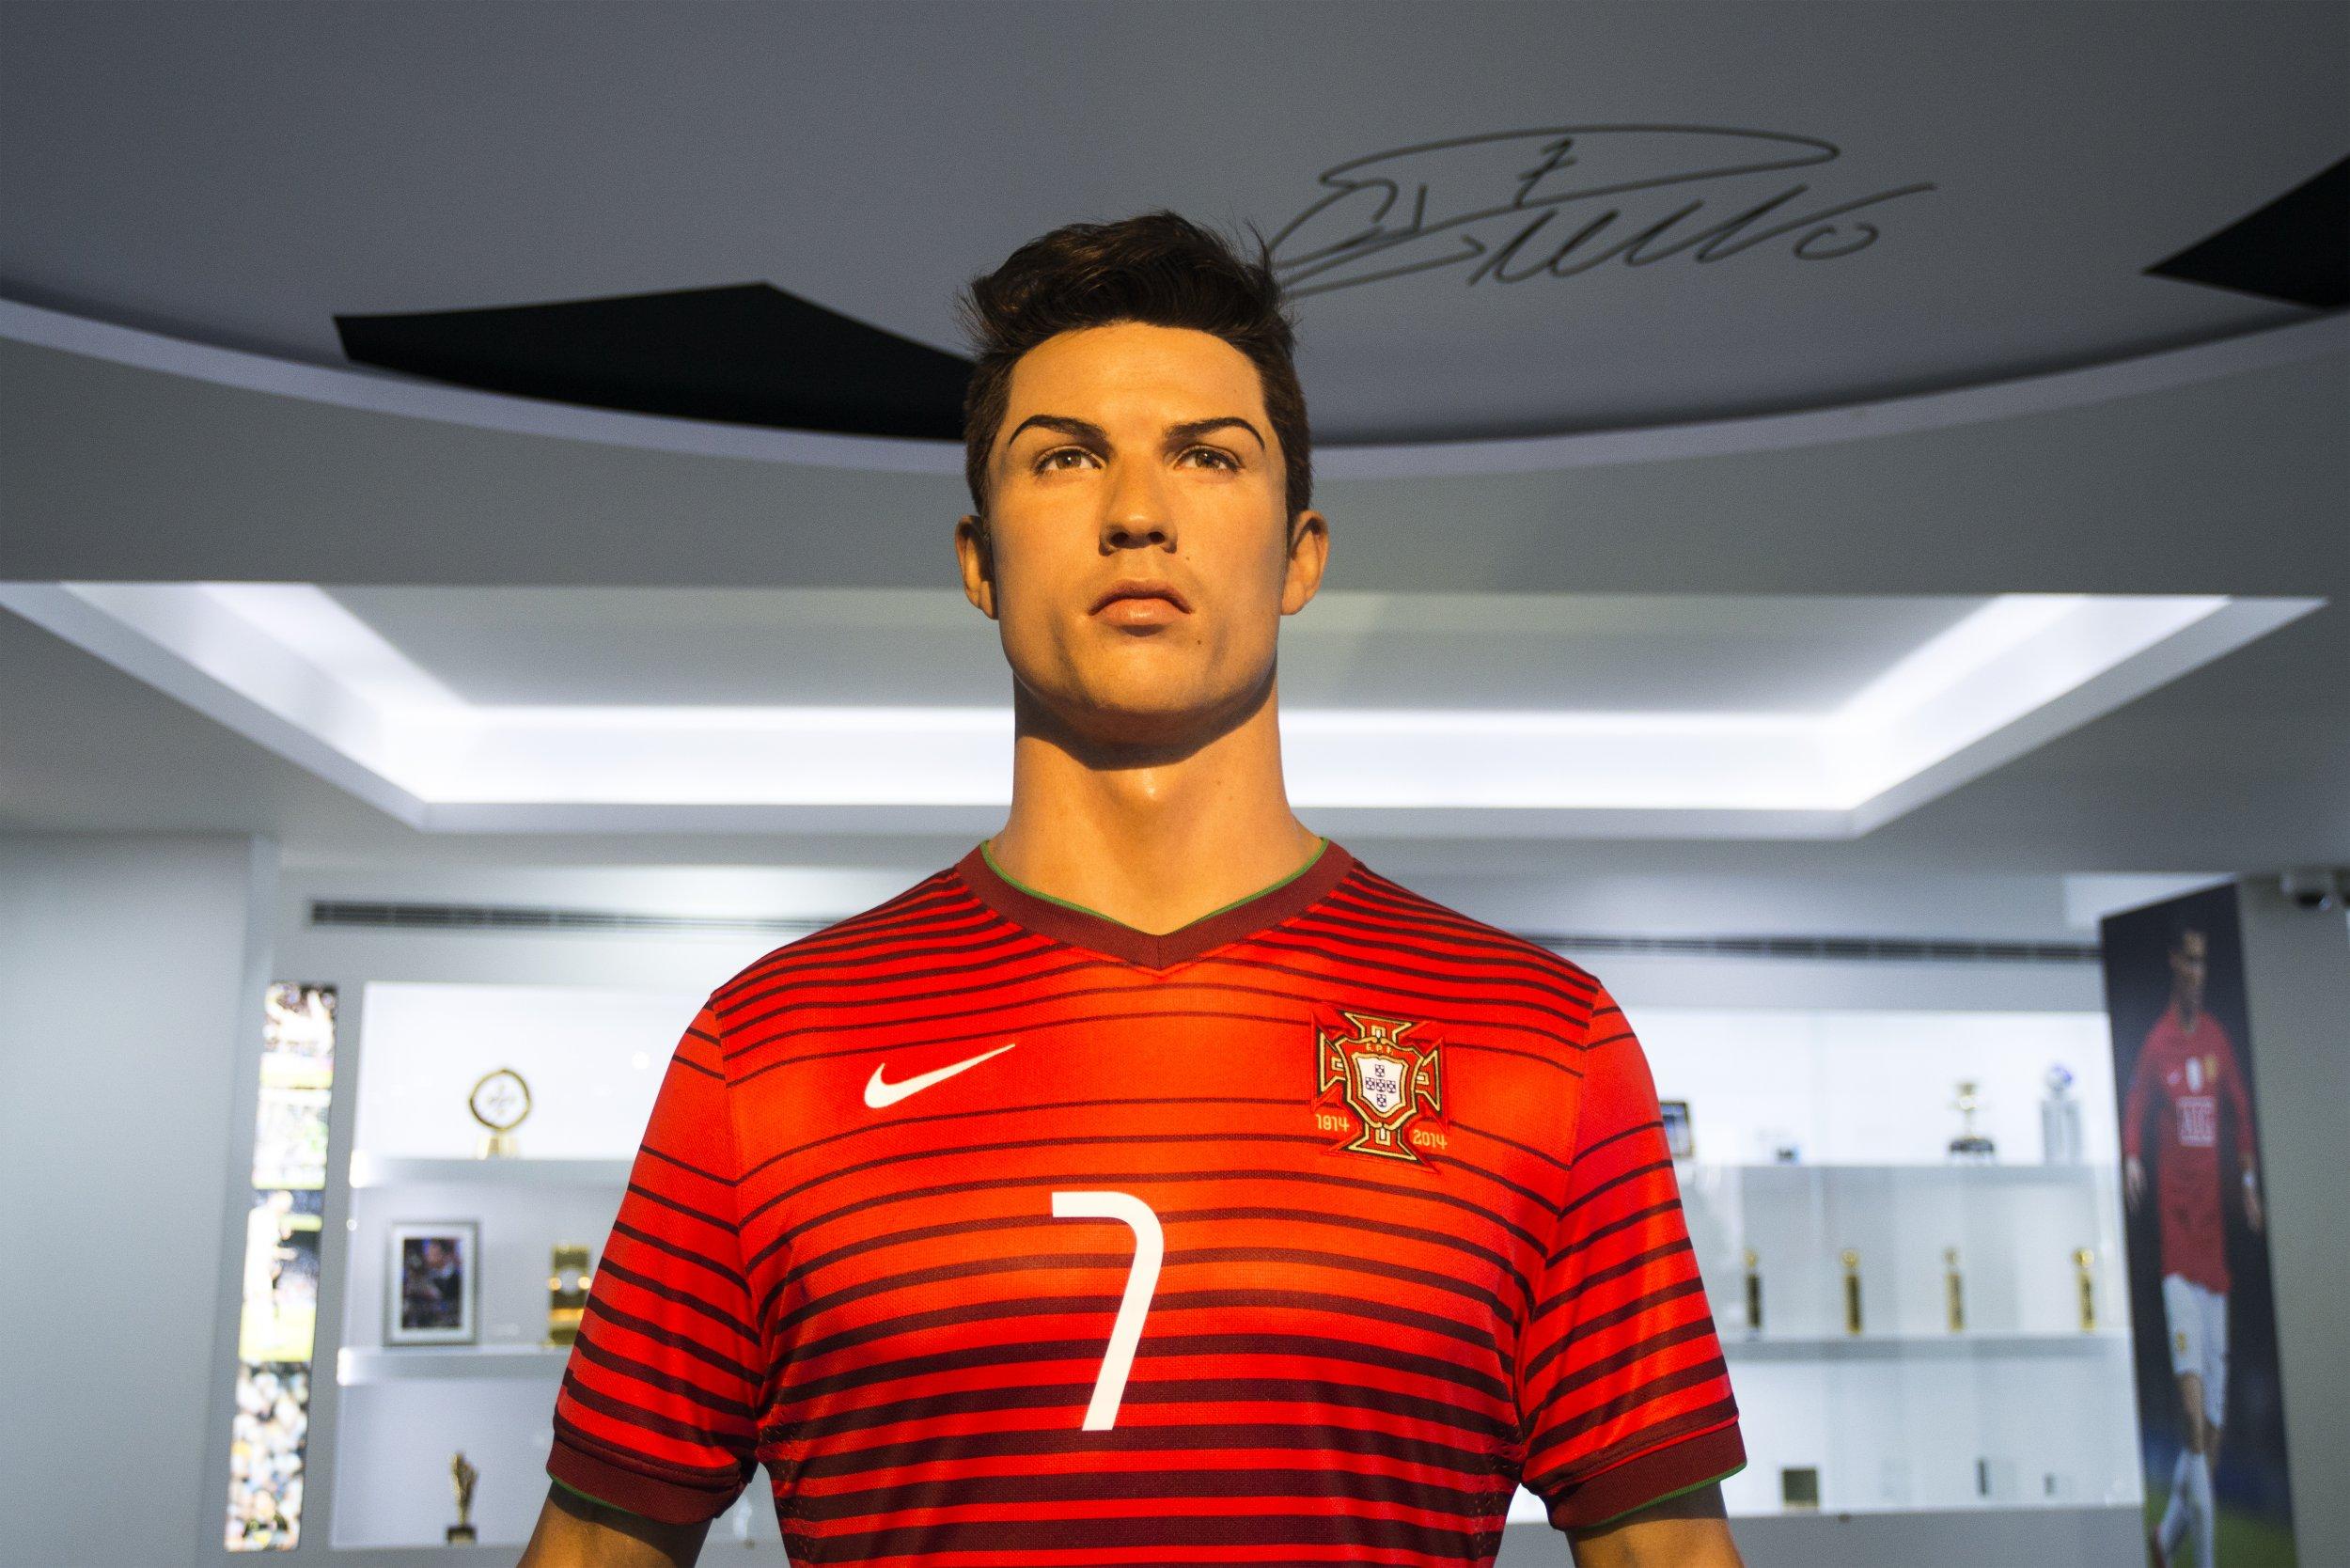 A bust of Portuguese footballer Cristiano Ronaldo.